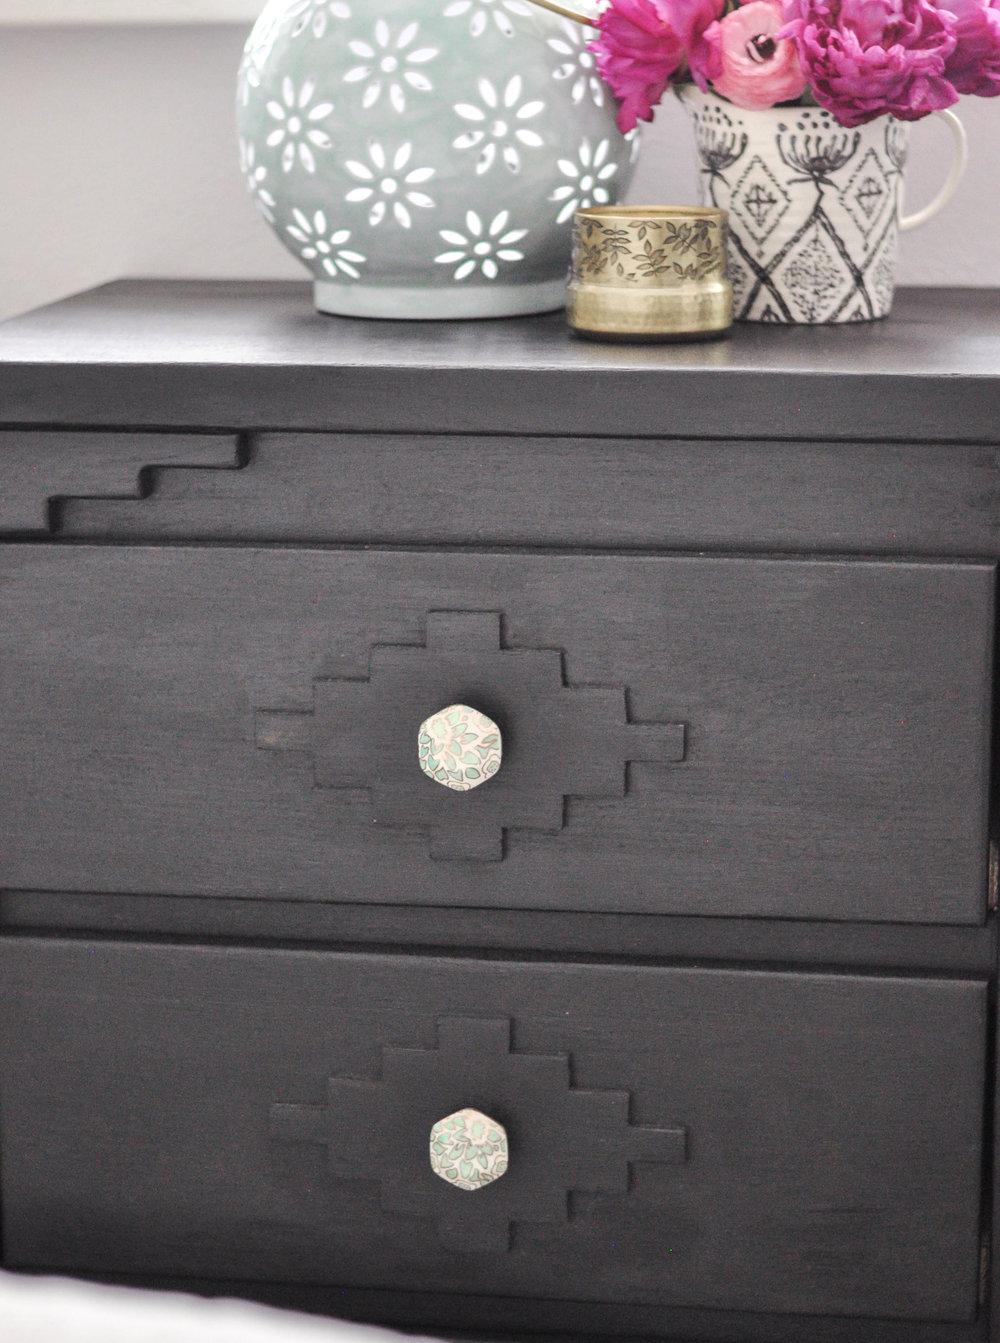 DIY-Painted-Dresser-22.jpg